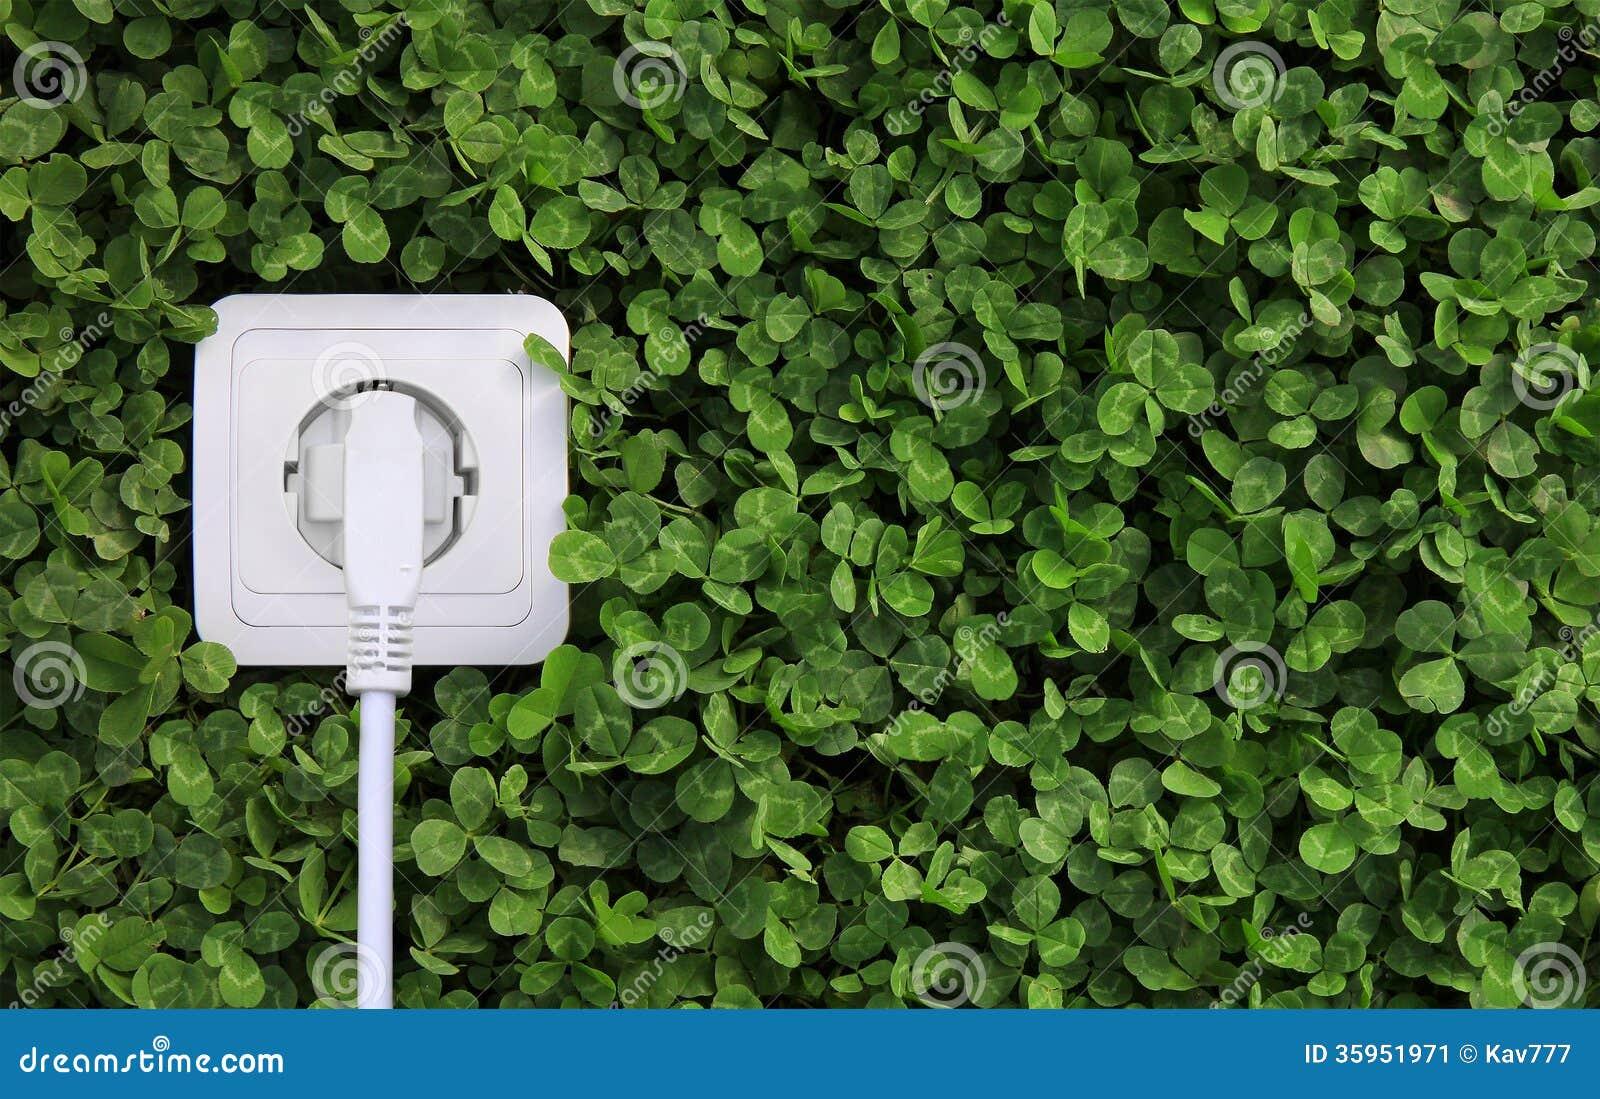 Receptáculo de la energía eléctrica en un fondo de la hierba verde